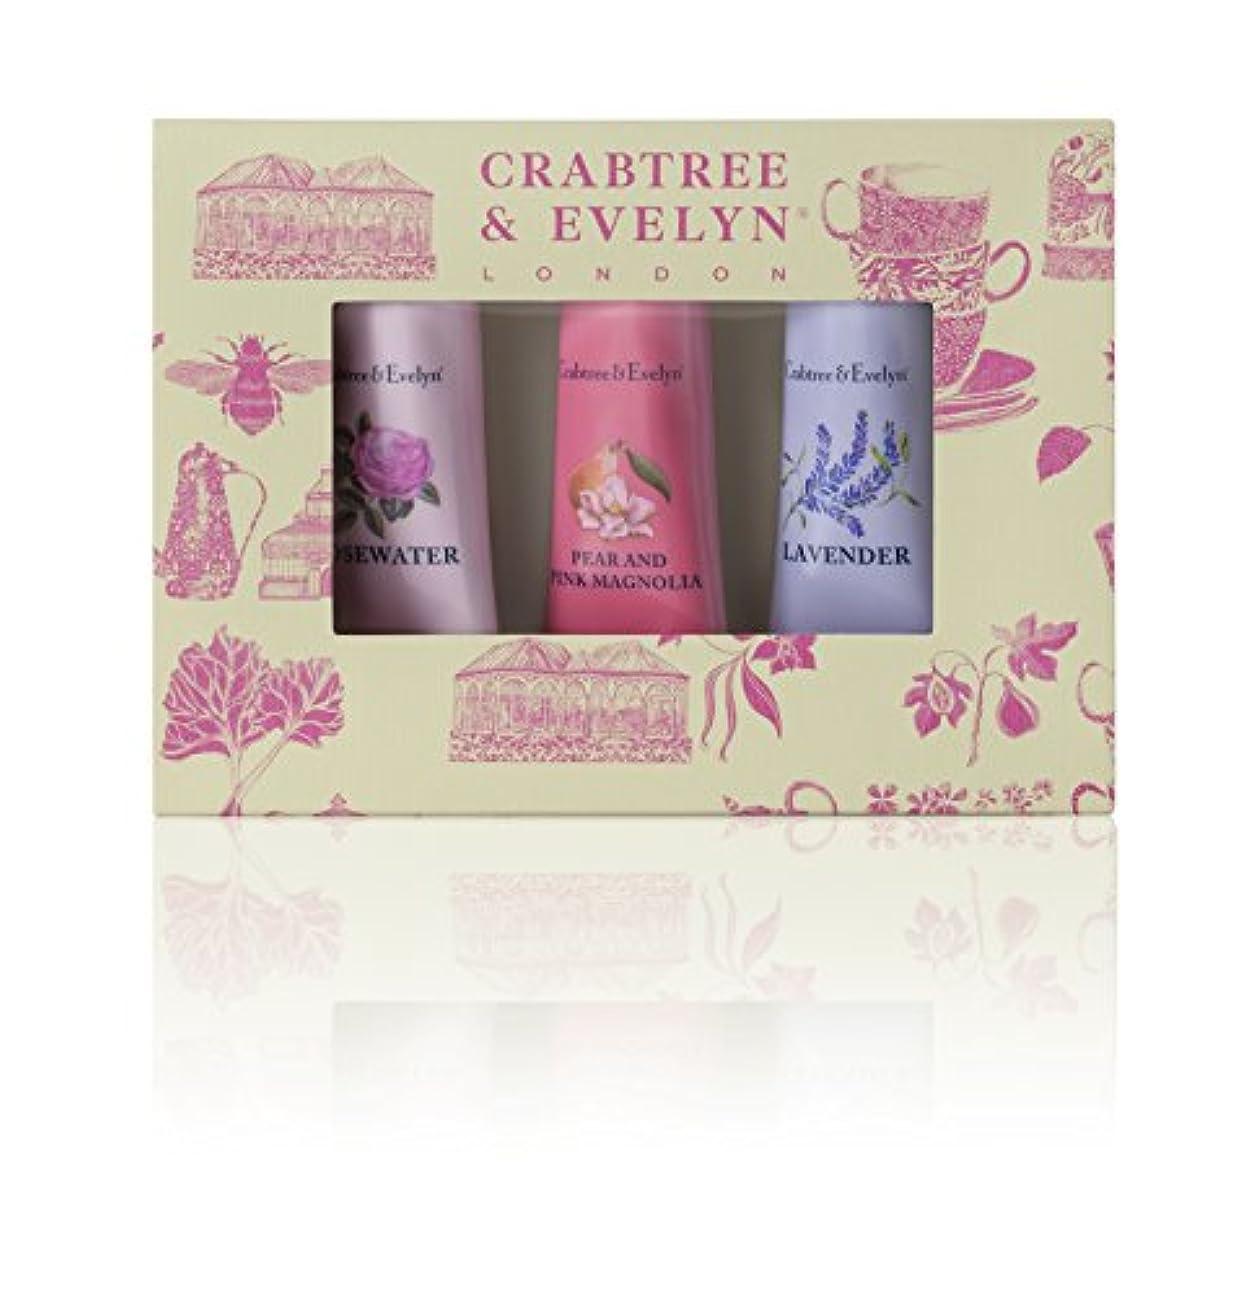 ビュッフェ団結する粘液クラブツリー&イヴリン Florals Hand Therapy Set (1x Pear & Pink Magnolia, 1x Rosewater, 1x Lavender) 3x25g/0.9oz並行輸入品